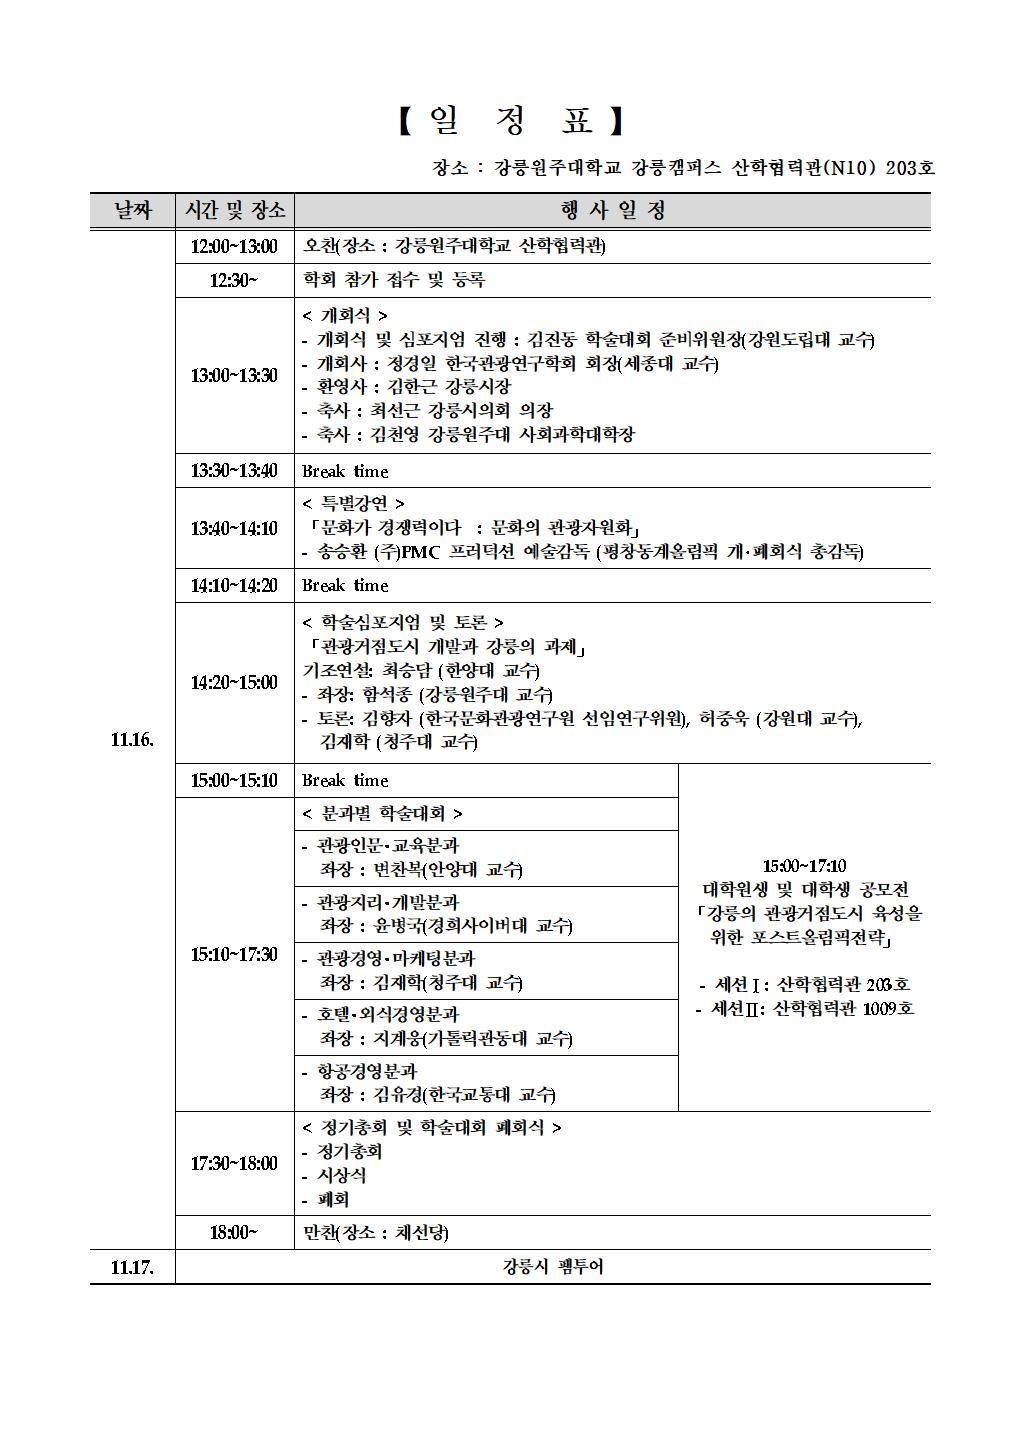 2019 강릉추계학술대회_세부일정표(최종)001.jpg